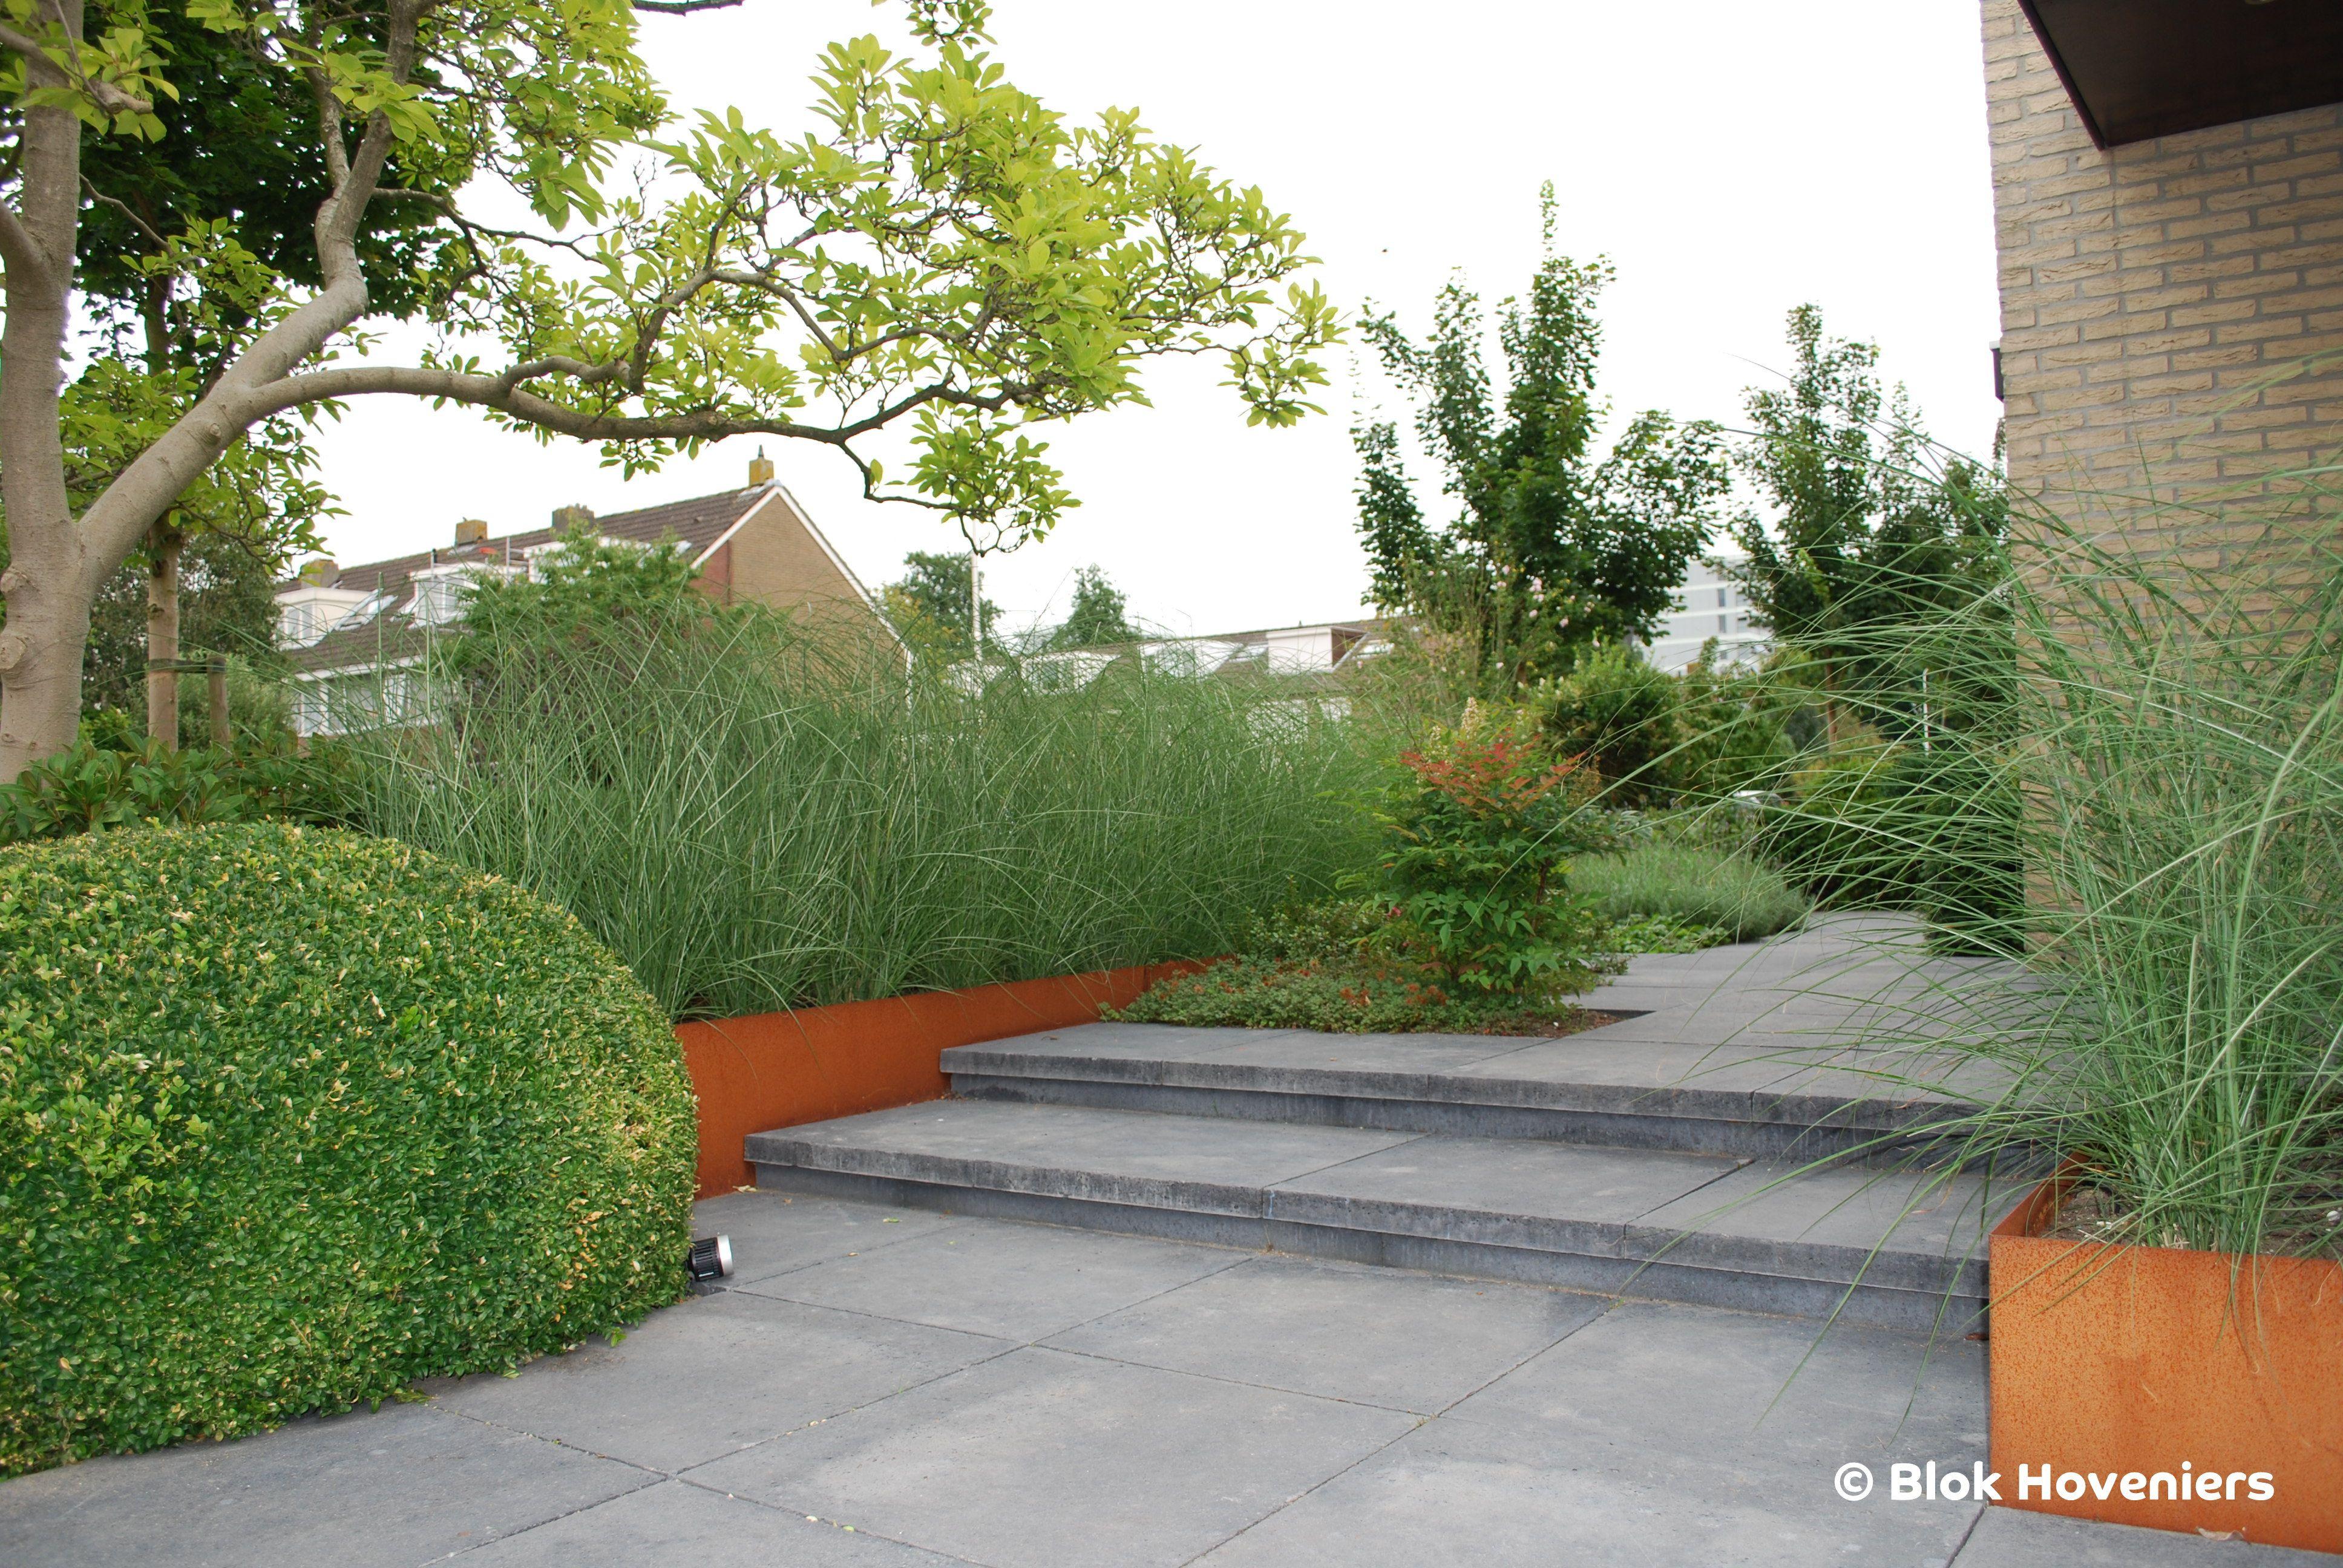 Tuinverlichting In Tegel : Blok hoveniers schellevis tegels in lite tuinverlichting